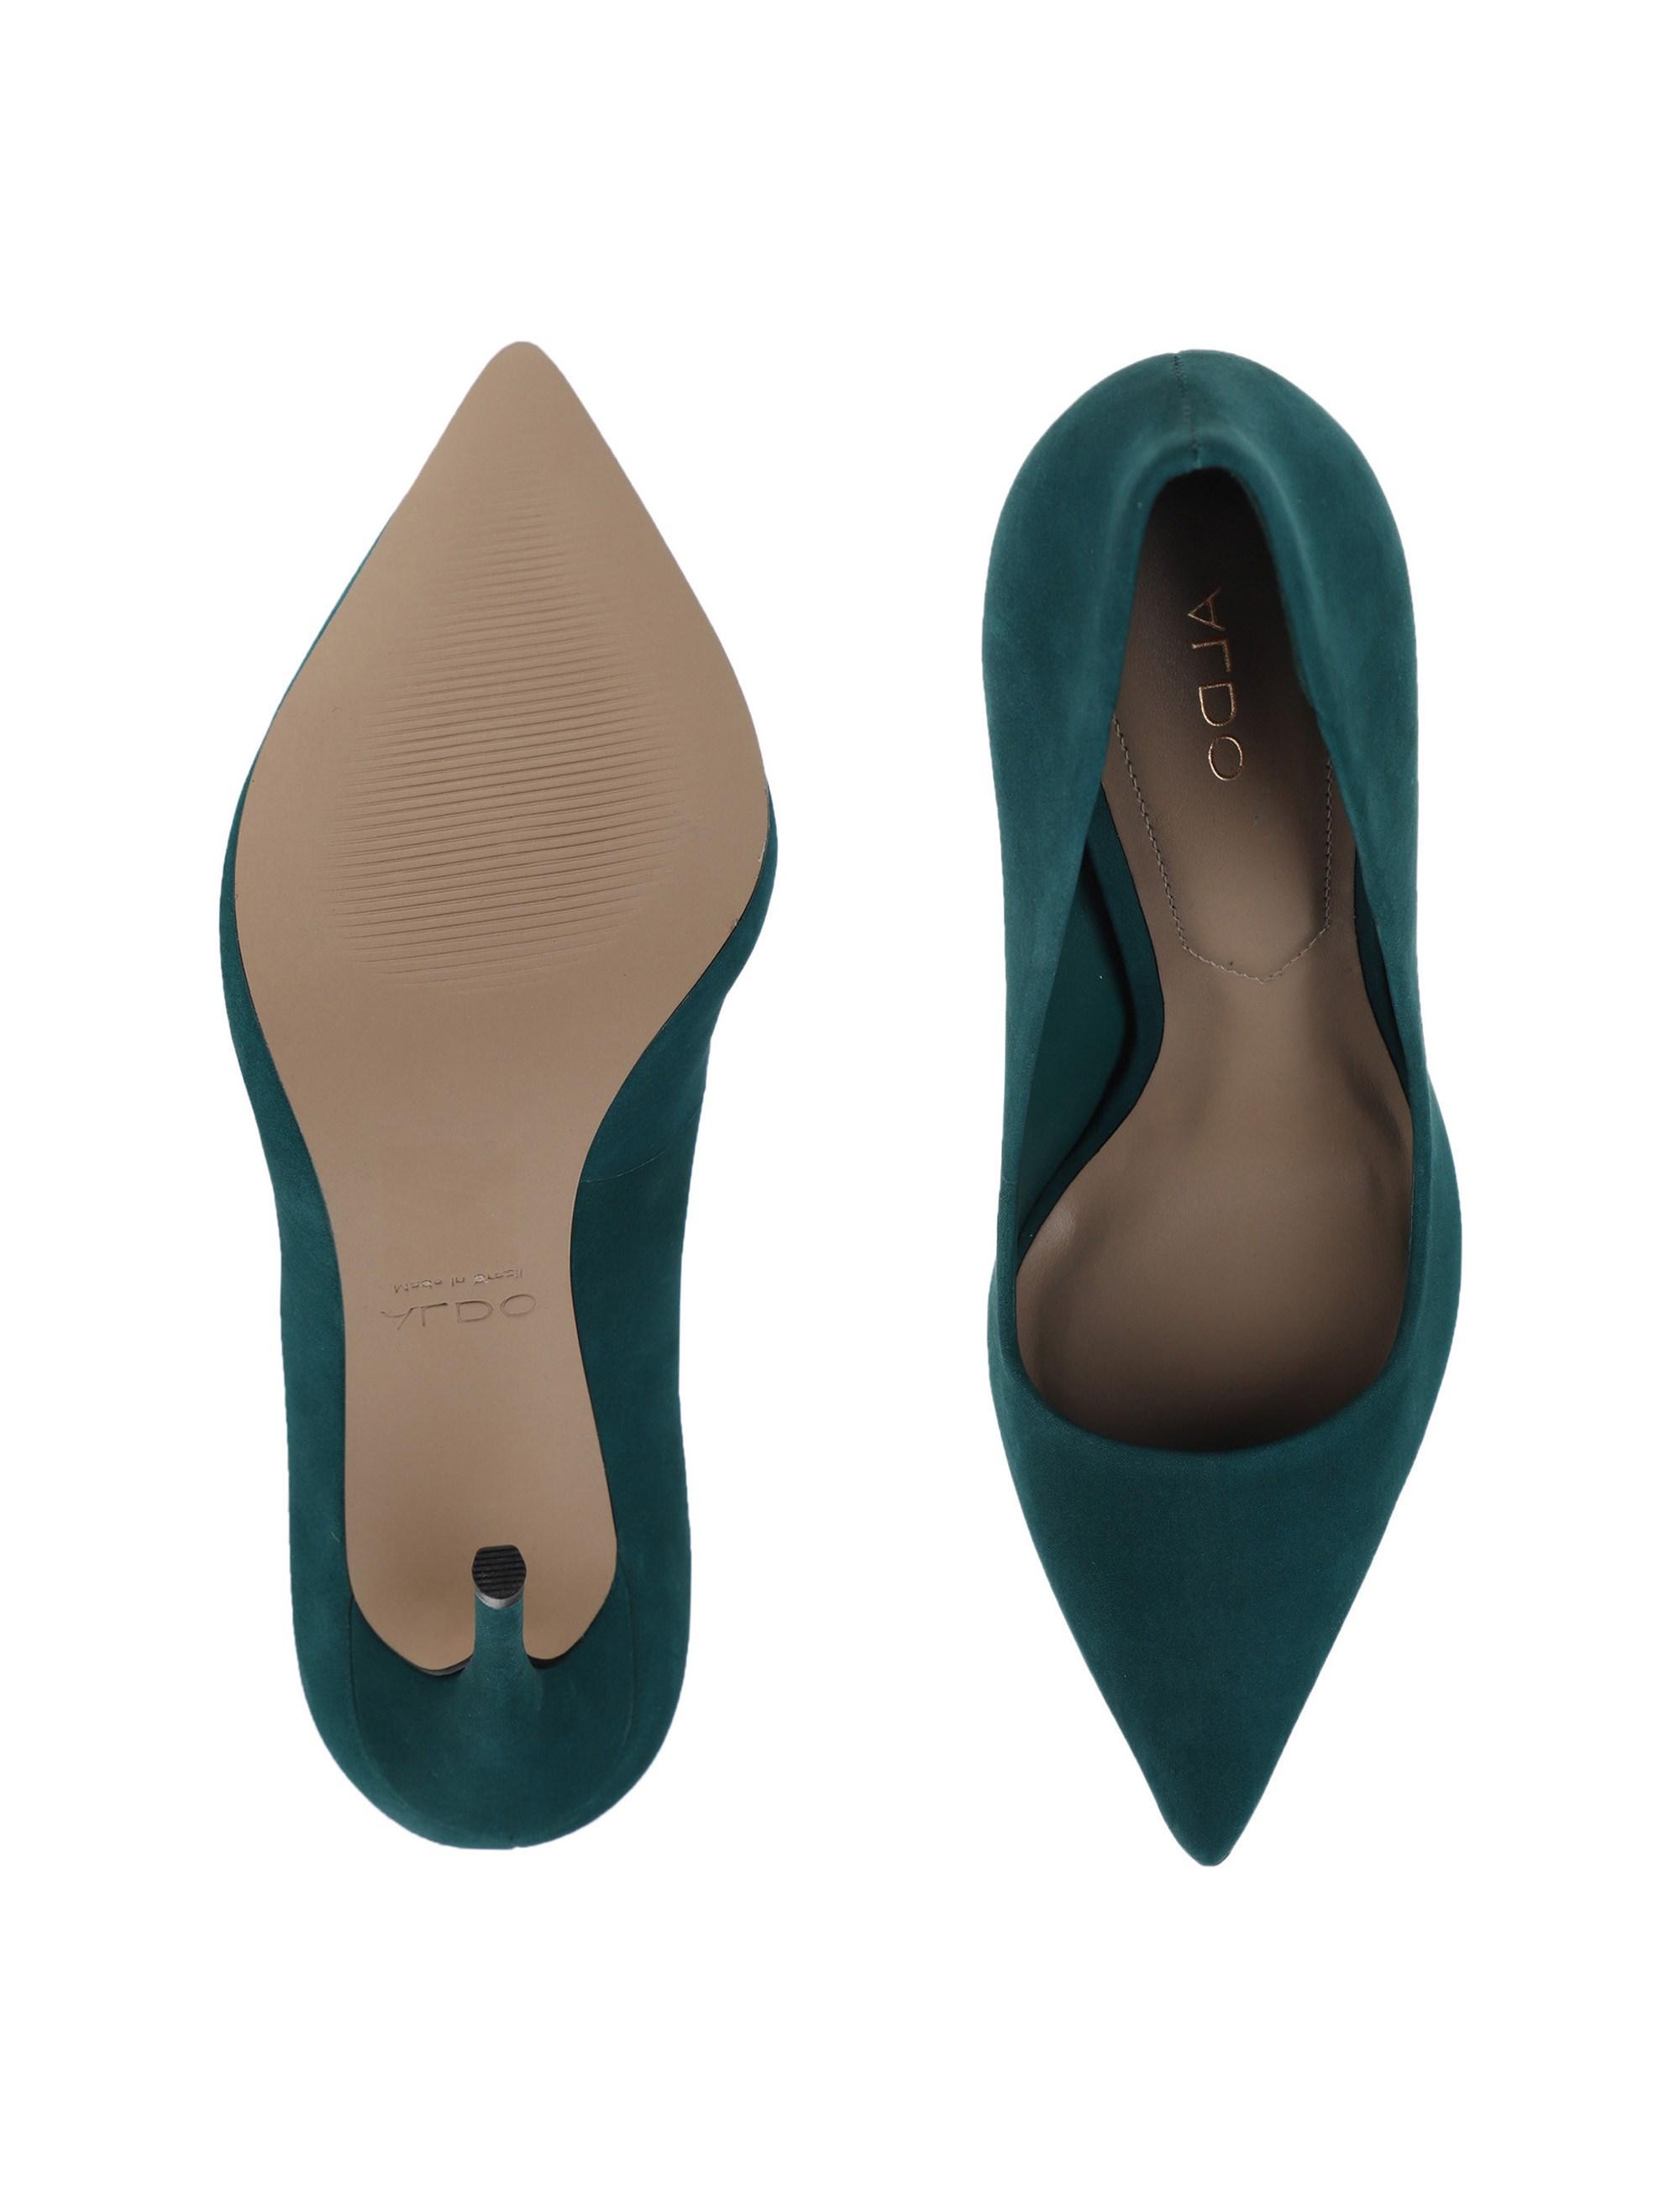 کفش پاشنه بلند چرم زنانه - آلدو